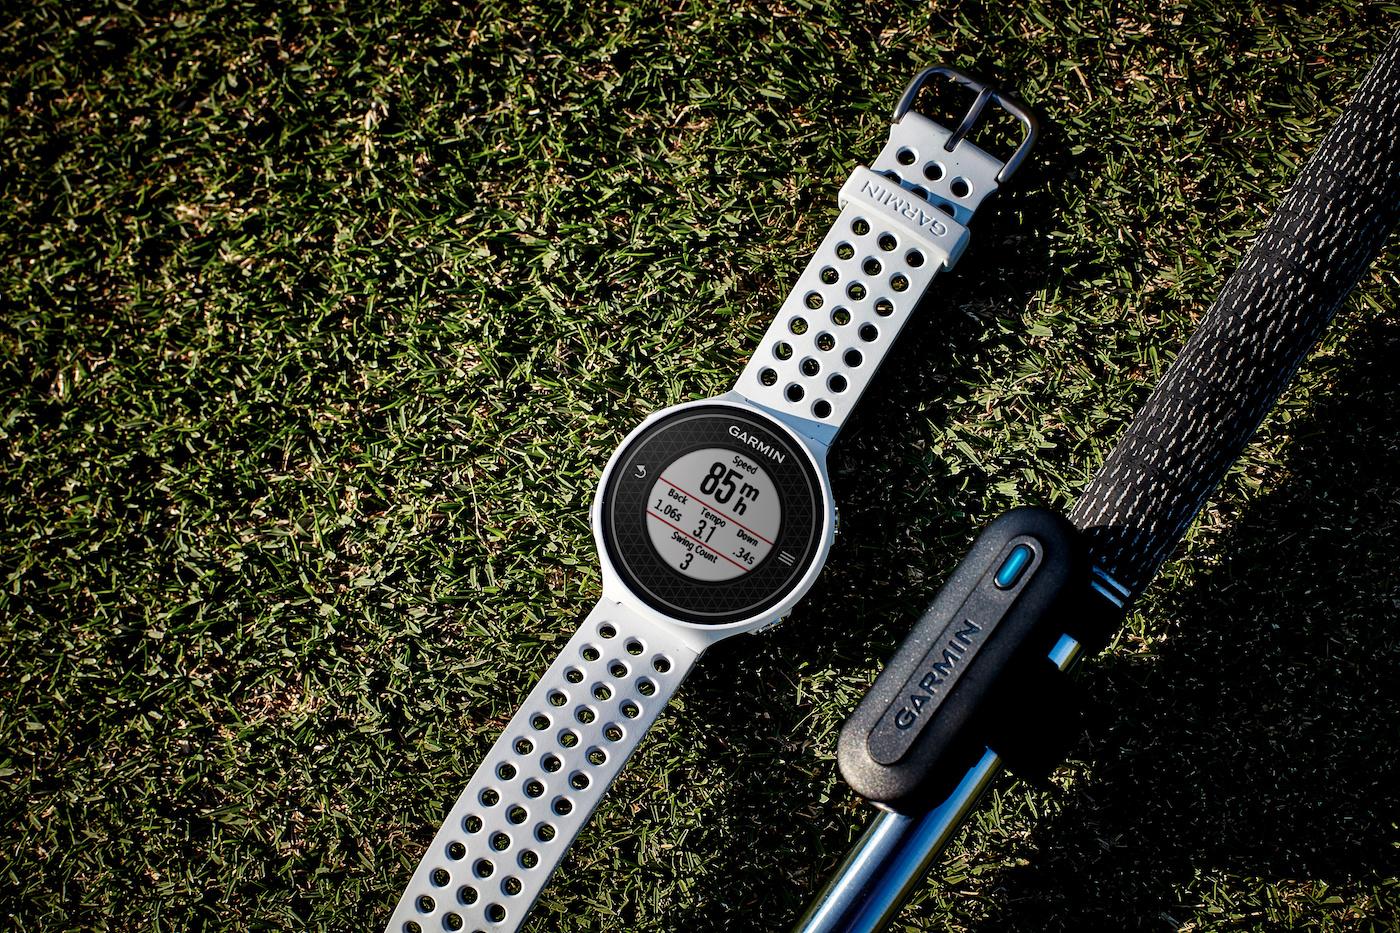 Il sensore del golf del TruSwing di Garmin può aiutarvi a migliorare il vostro gioco